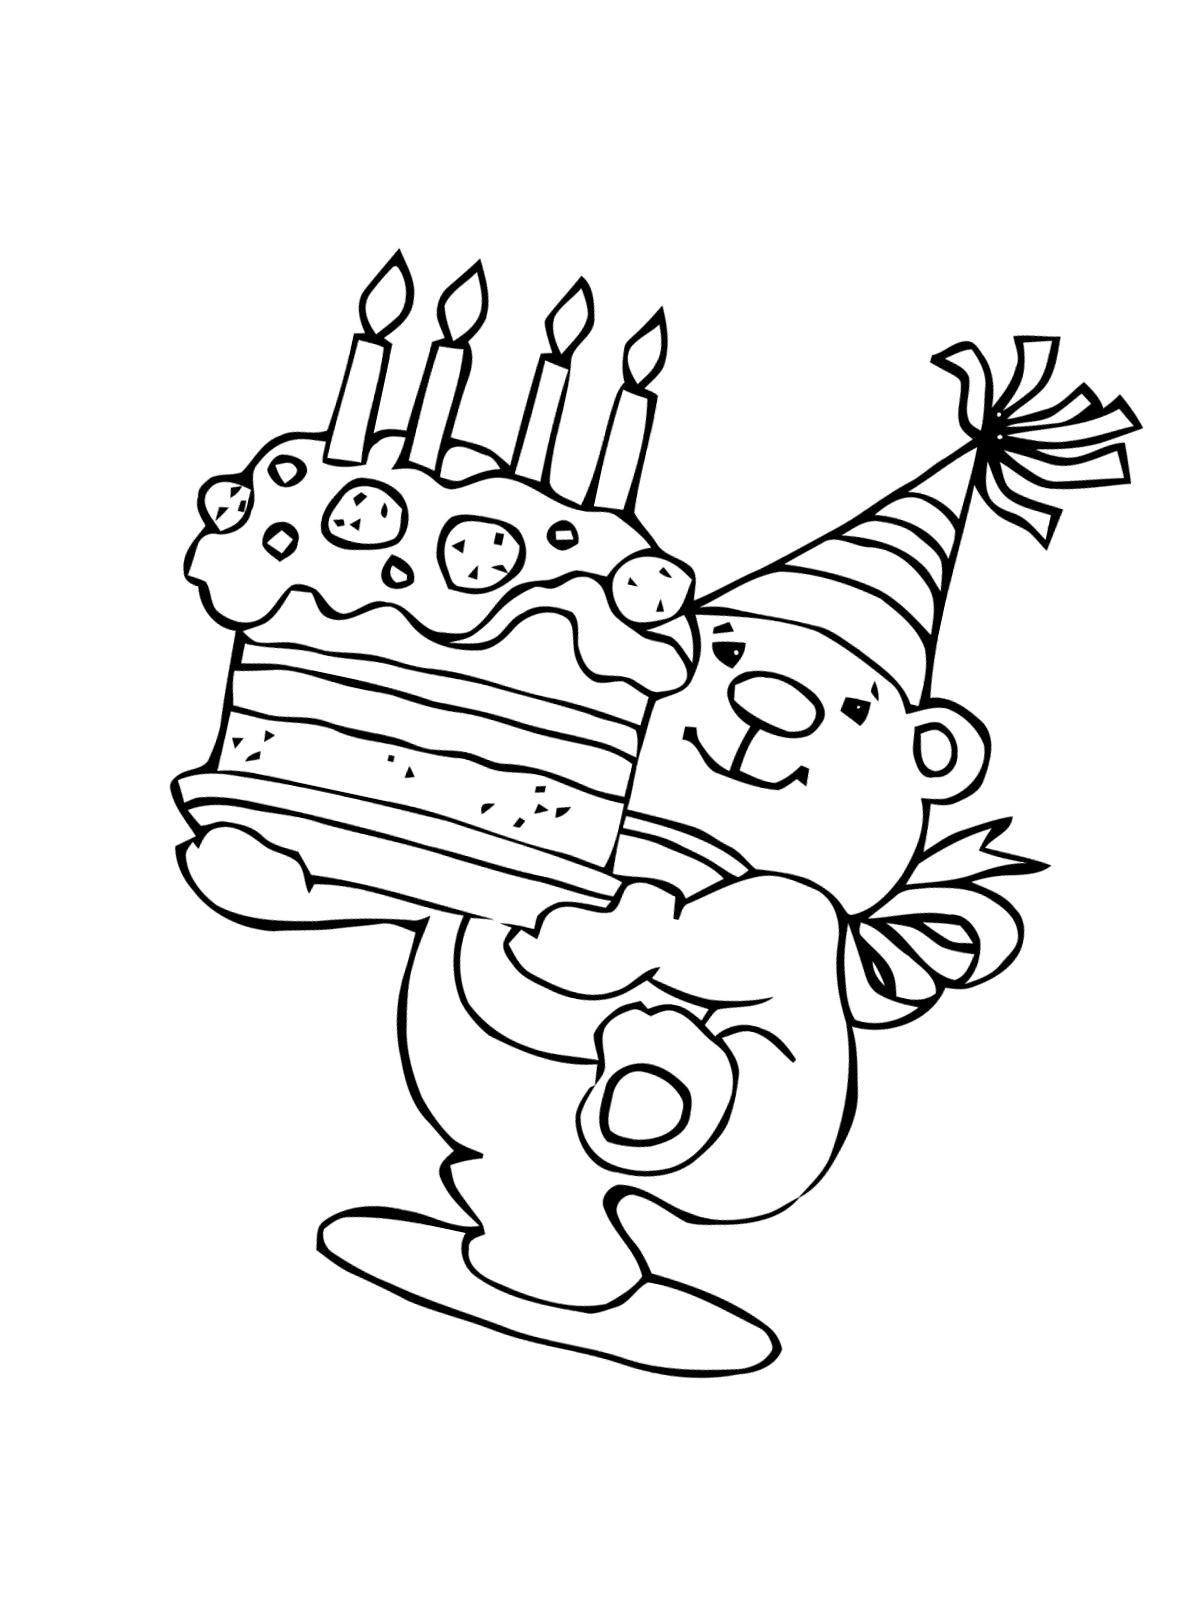 Geburtstag Ausmalbilder Kostenlos Zum Ausdrucken